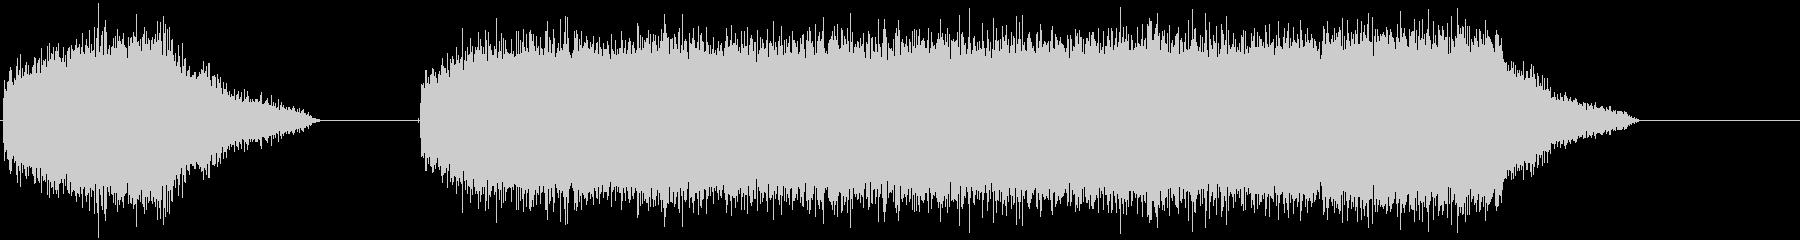 グラインダーポリッシャー-電気-ハ...の未再生の波形